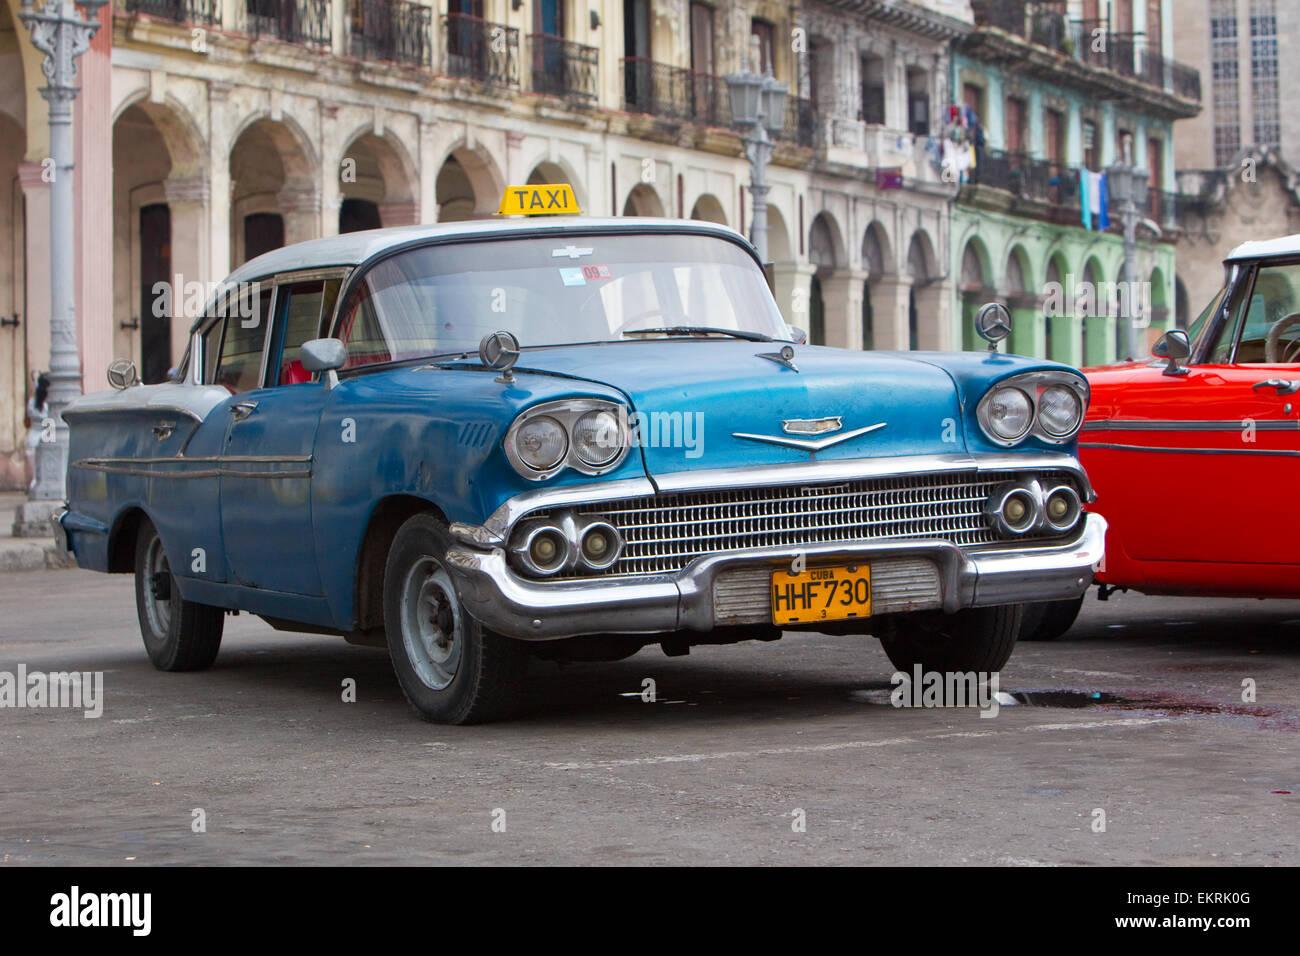 Coches clásicos americanos o los automóviles de los años 1920 y 1930 en La Habana, Cuba Imagen De Stock